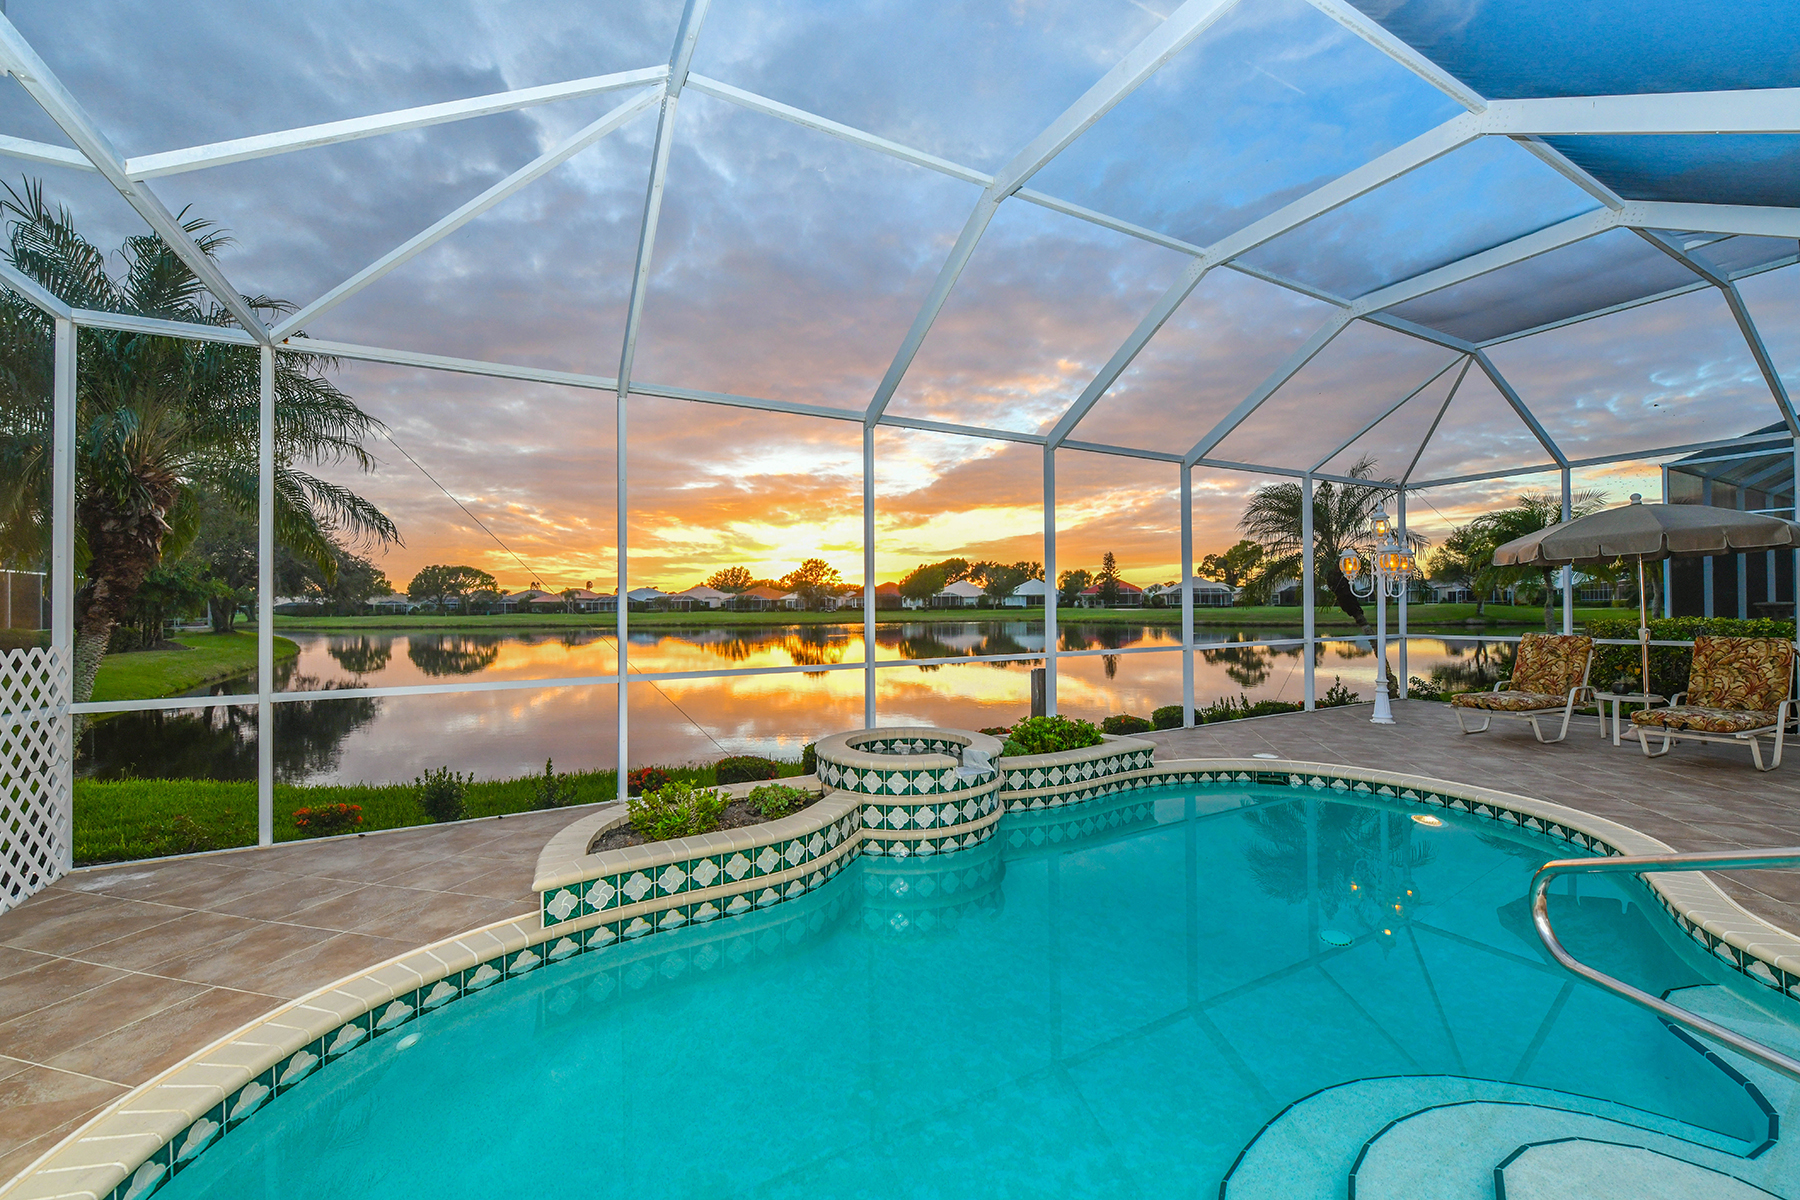 Частный односемейный дом для того Продажа на SAWGRASS 709 Sawgrass Bridge Rd, Venice, Флорида, 34292 Соединенные Штаты